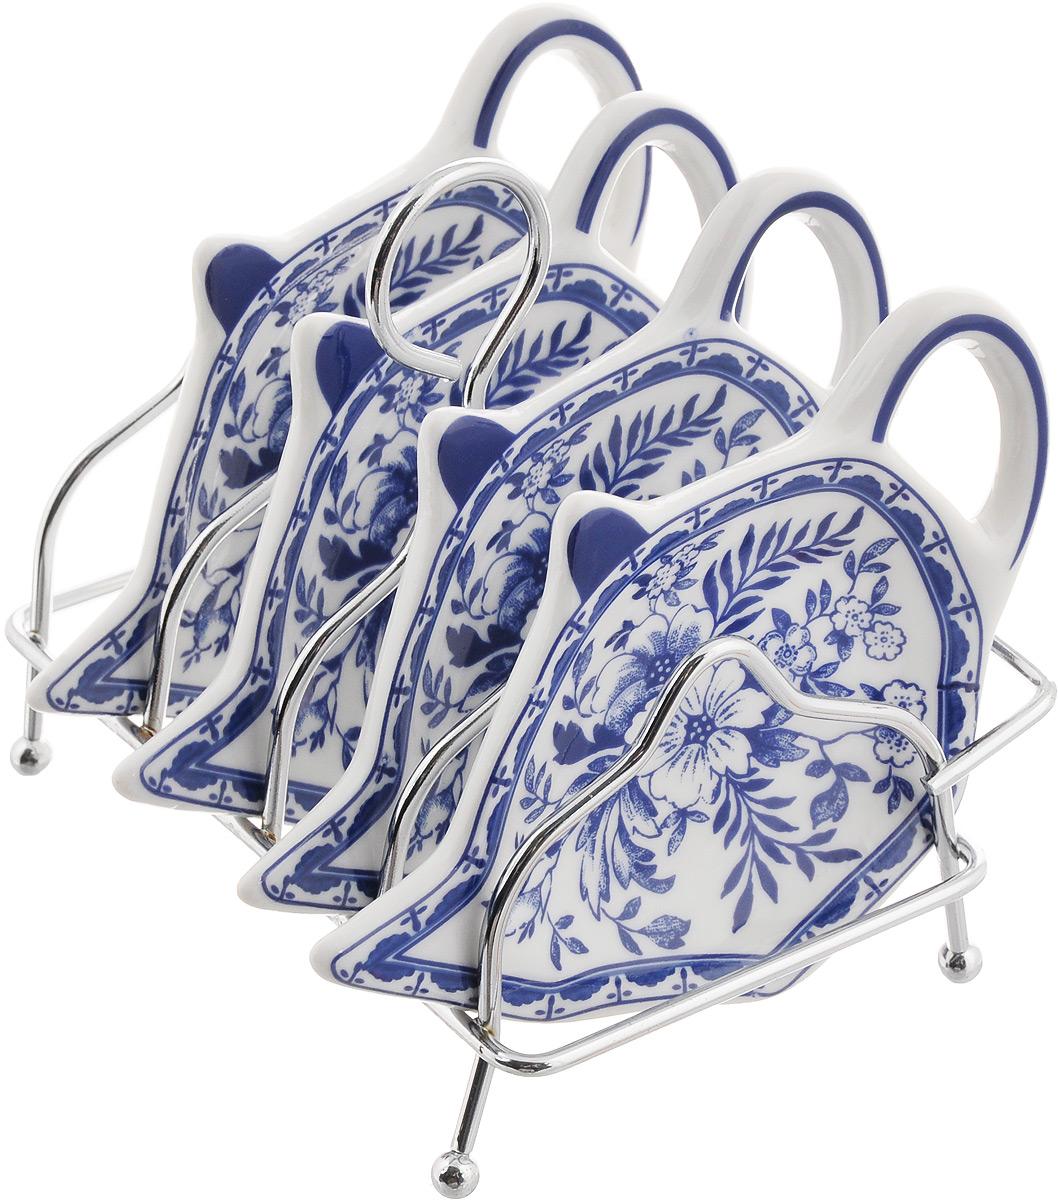 Набор подставок для чайных пакетиков Patricia Флер, 5 предметовIM56-0212Набор подставок Patricia Флер, изготовленный из высококачественного фарфора, порадует вас оригинальностью и дизайном. Подставки выполнены в форме чайничка и оформлены ярким рисунком. В комплект входит металлическая подставка. Можно мыть в посудомоечной машине и использовать в микроволновой печи. Размер подставки для чайных пакетиков: 11,5 х 8 см. Размер металлической подставки: 12 х 9 х 10 см.